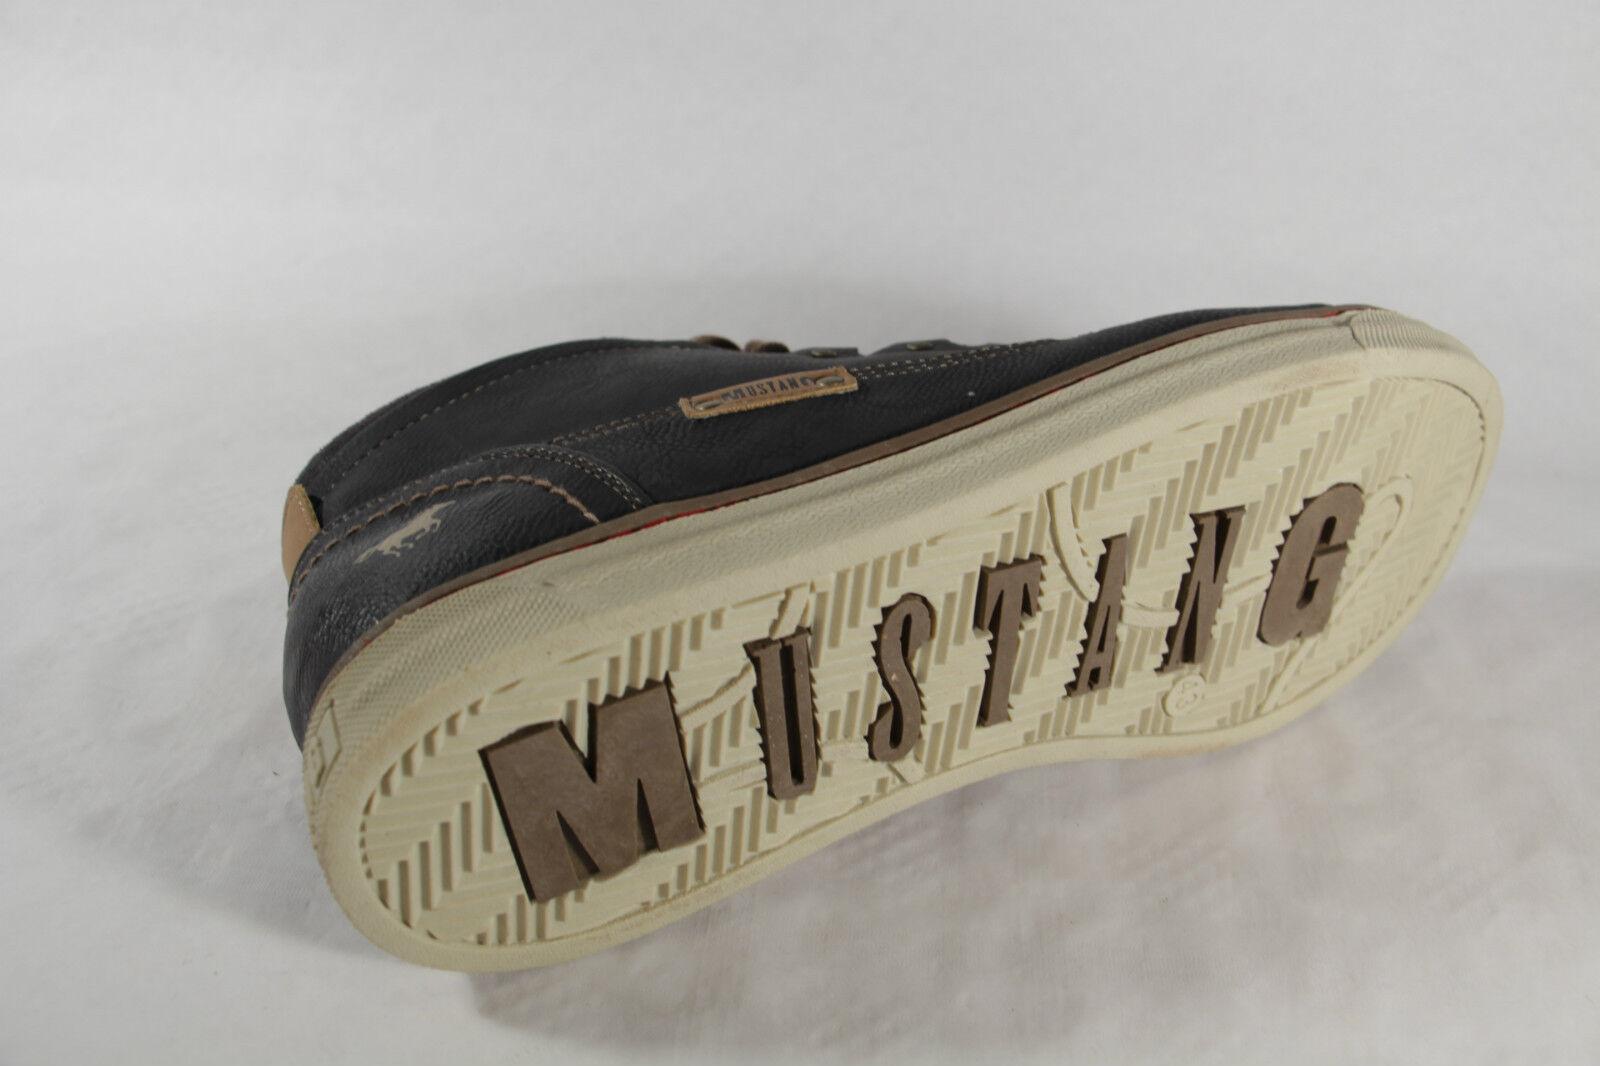 Mustang Stiefel Wechselfußbett Boots Schnürstiefel grau Stofffutter Wechselfußbett Stiefel 4068 NEU e3382d